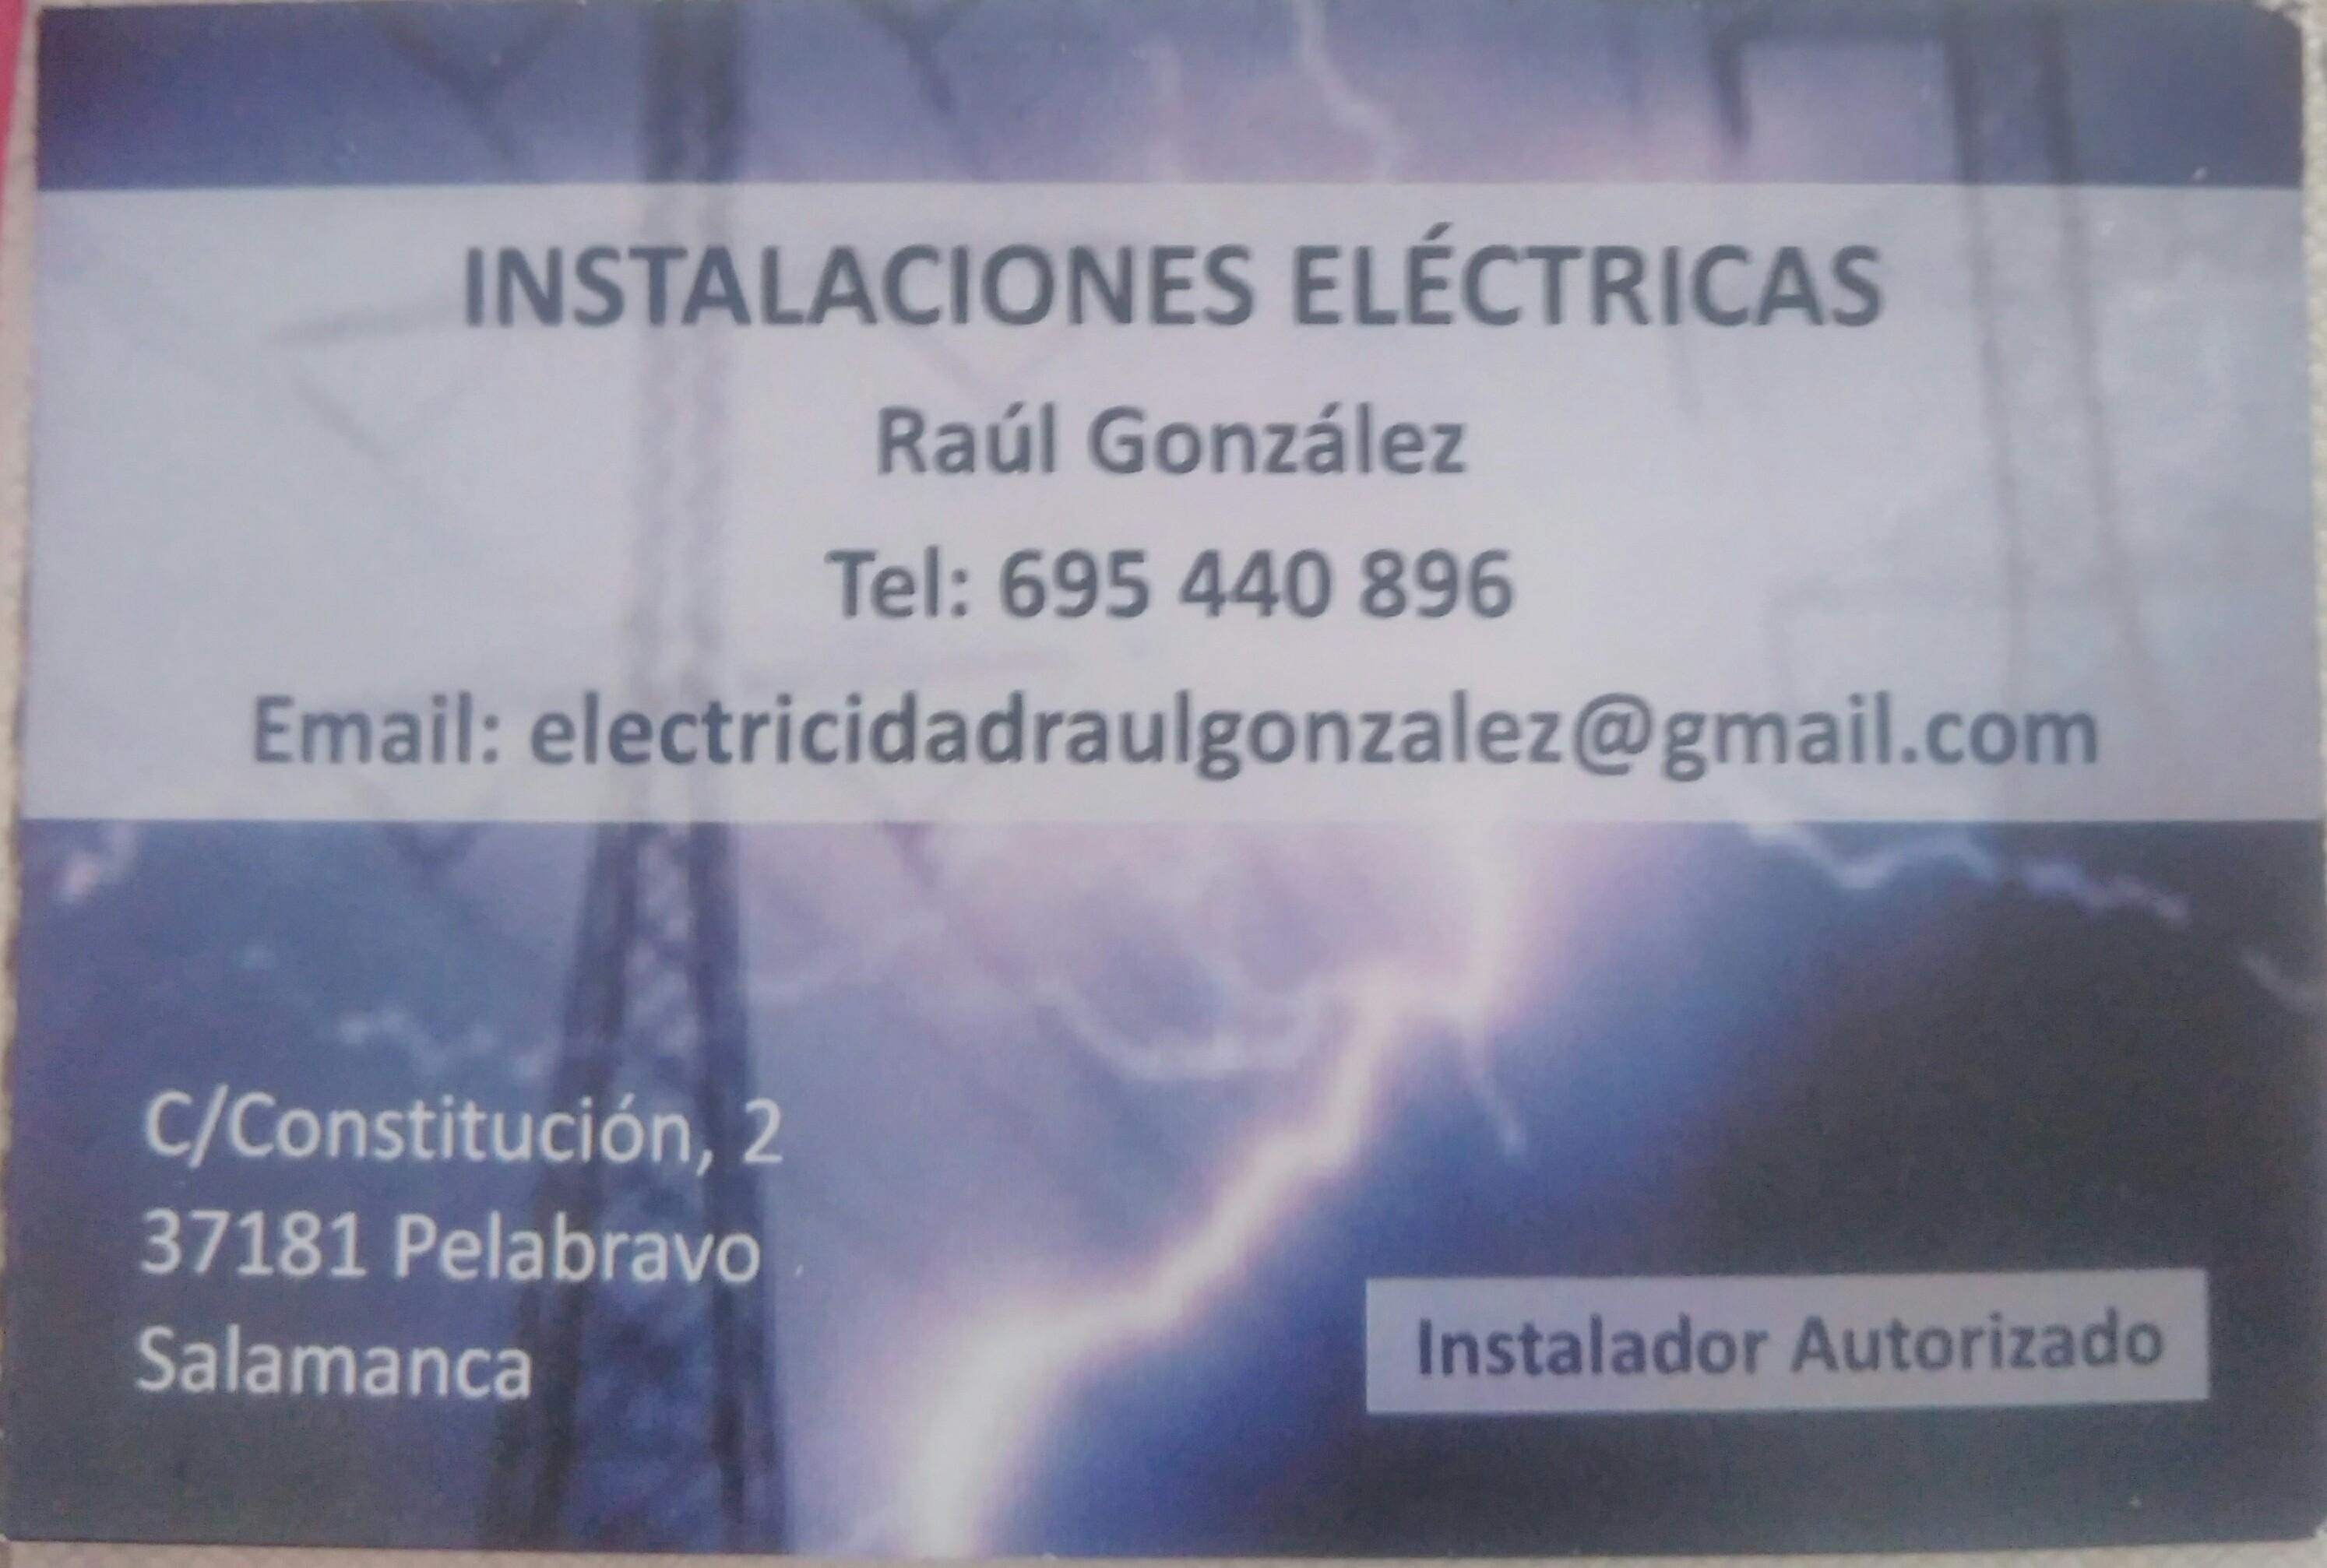 Instalaciones eléctricas raul gonzalez